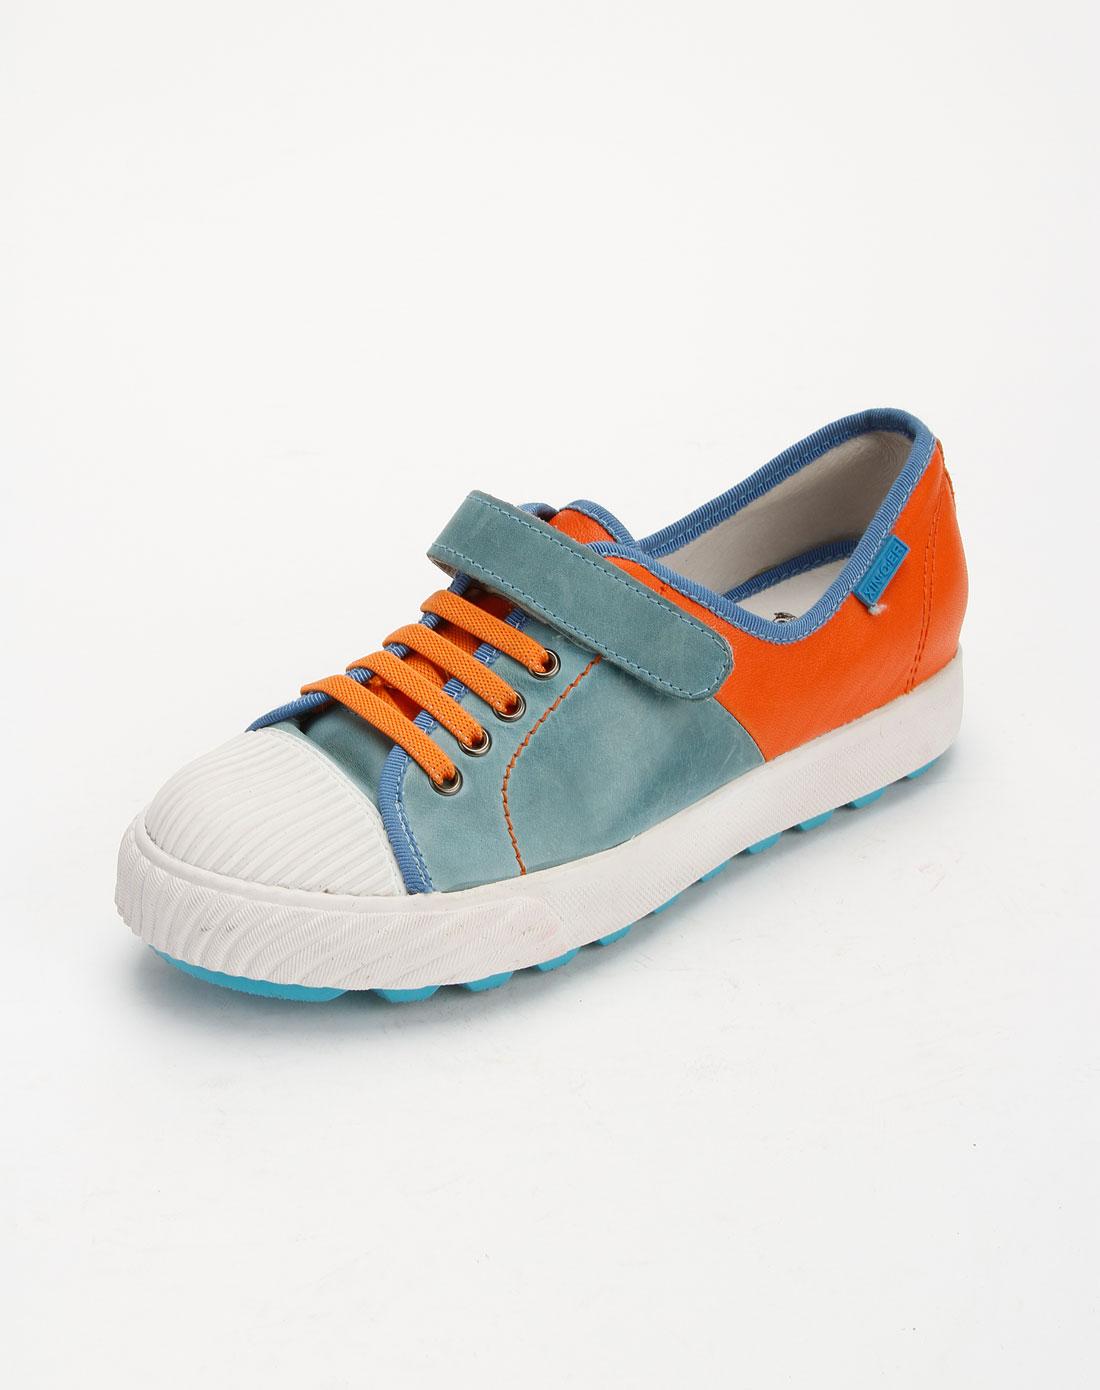 系带时尚平底休闲鞋x11163